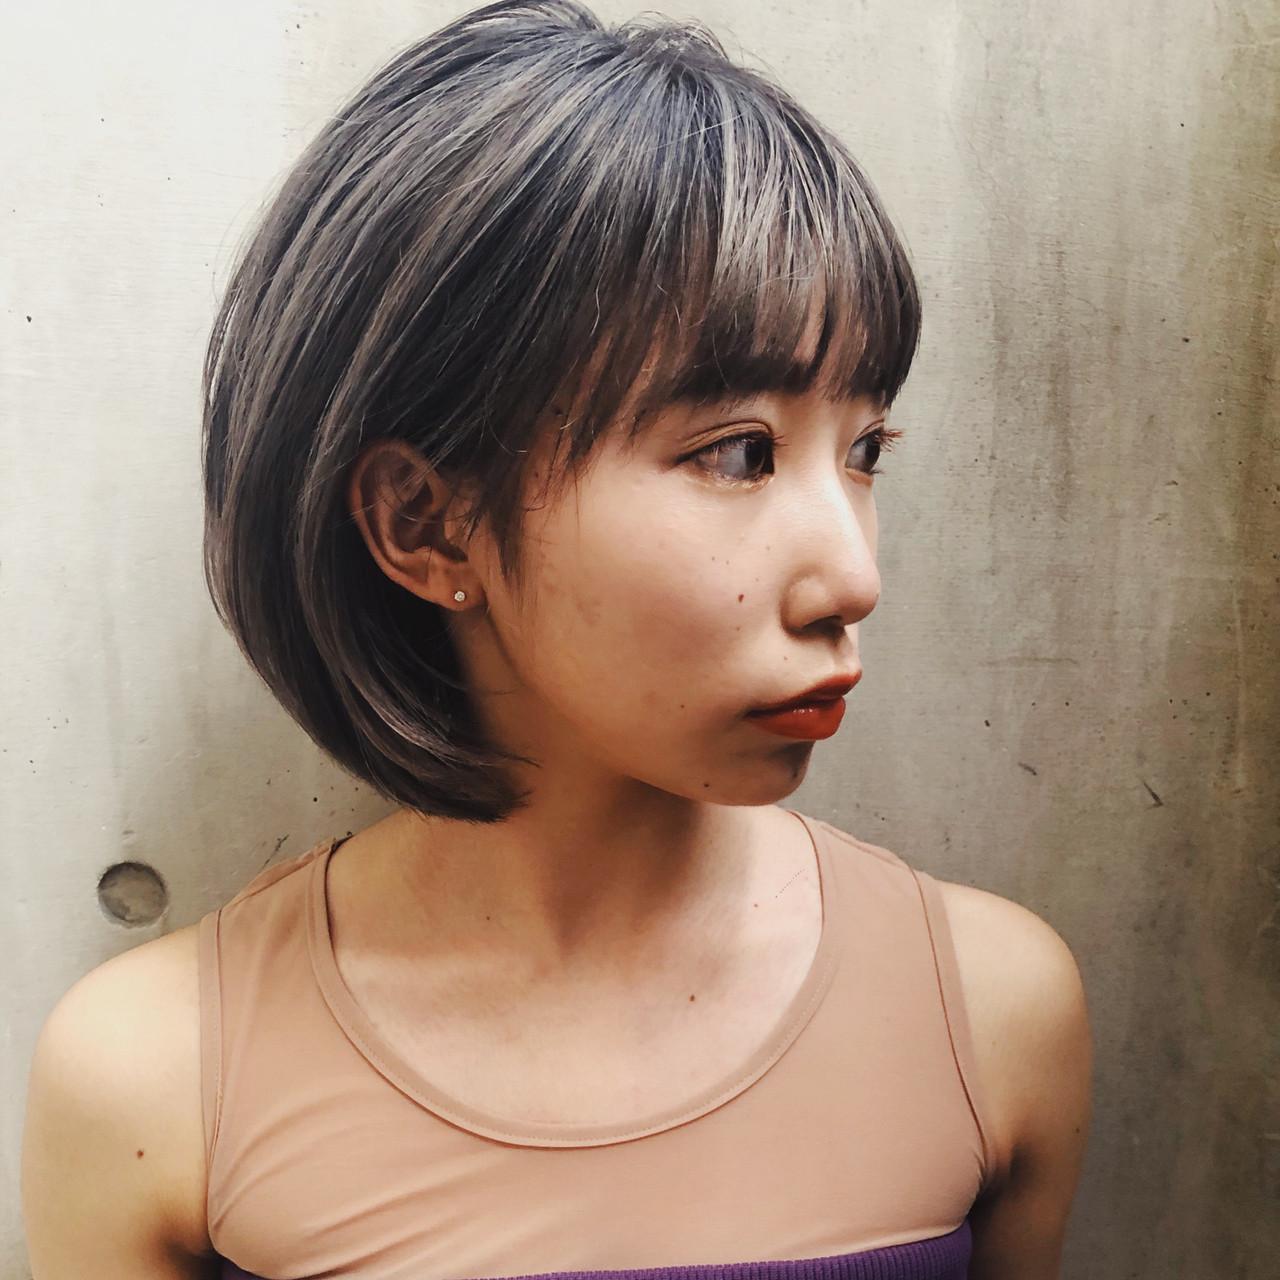 モード ホワイトグレージュ ミニボブ グレージュ ヘアスタイルや髪型の写真・画像 | 栗原貴史 PEEK-A-BOO / PEEK-A-BOO NEWoMan 新宿